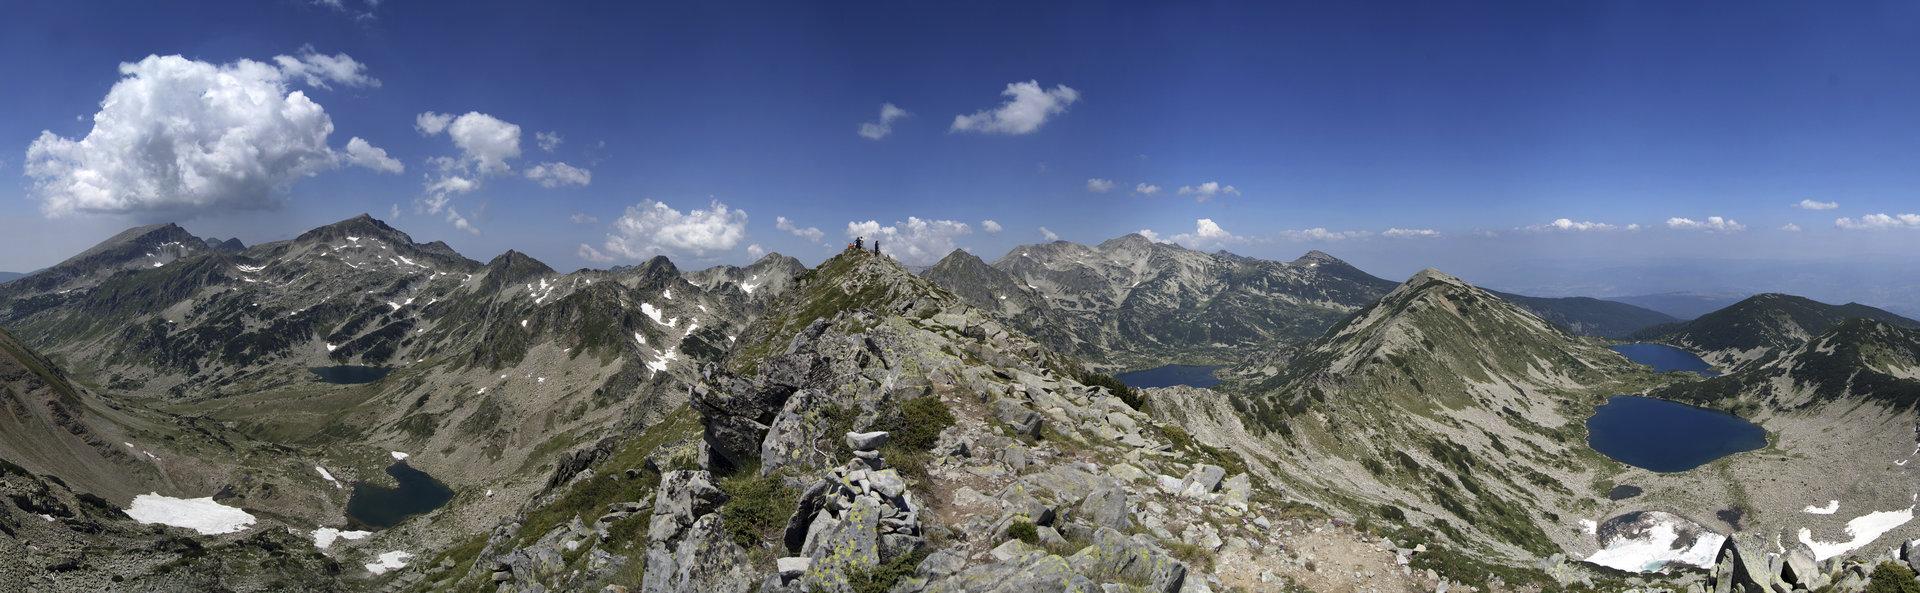 Пиринска панорама от Ясен Долчинков - iasen_vd